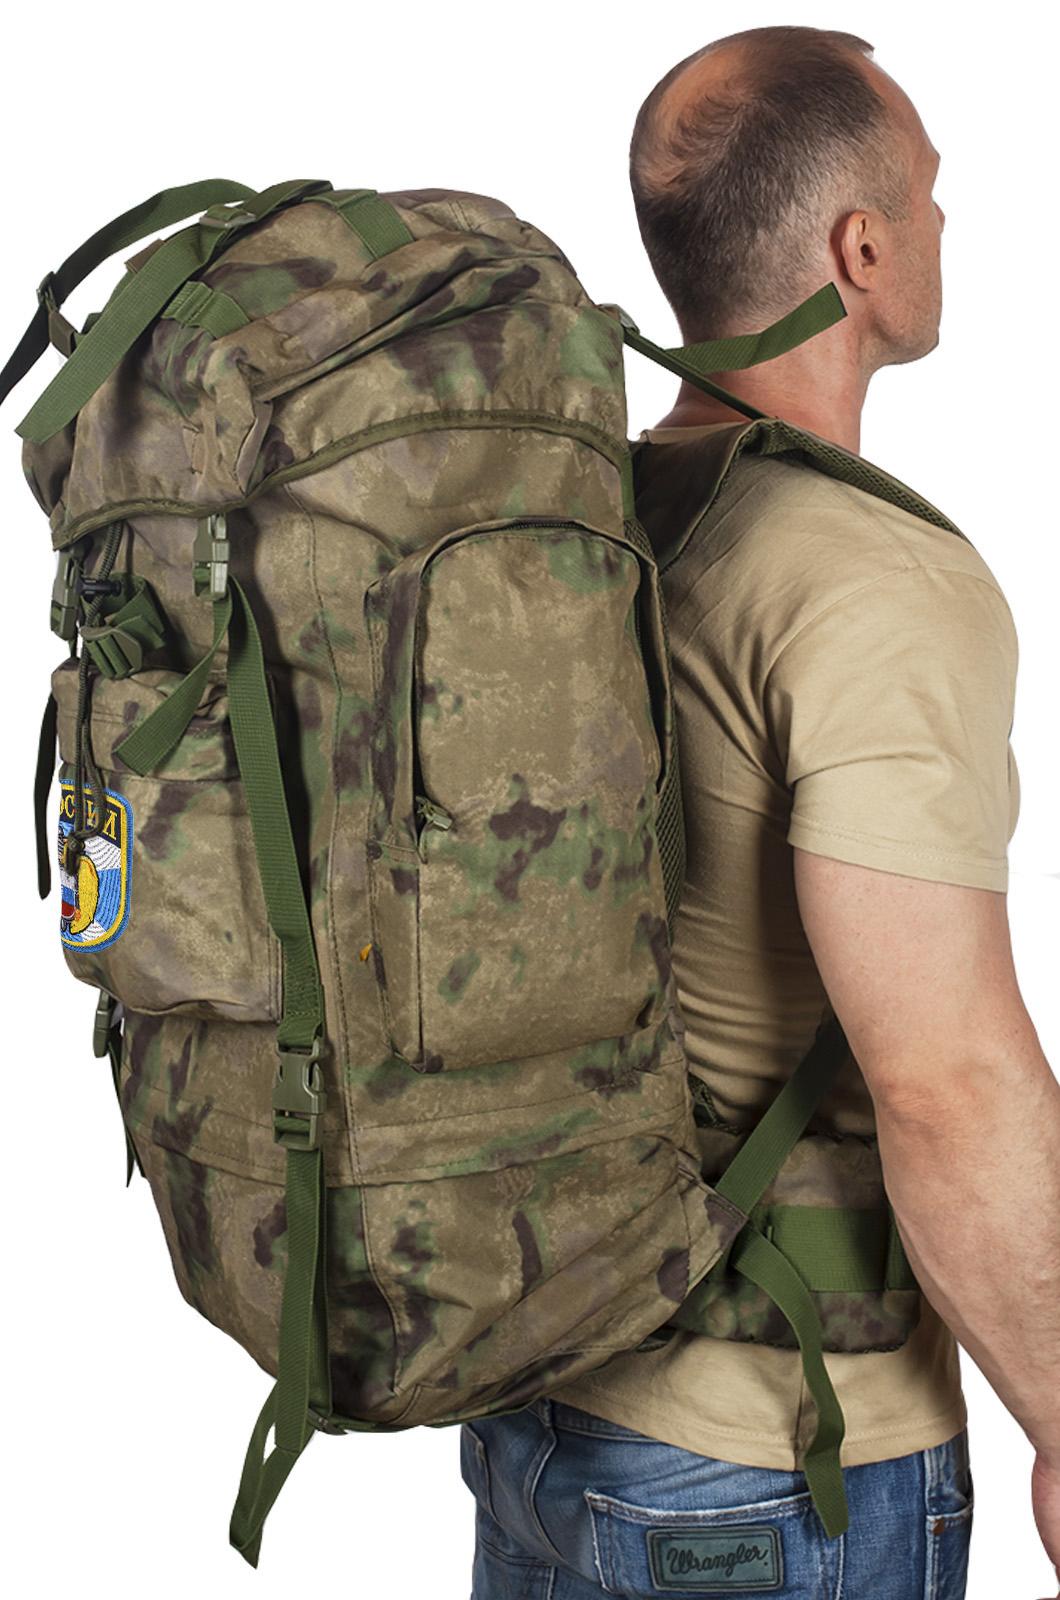 Армейский камуфляжный ранец-рюкзак ФСО России - купить выгодно